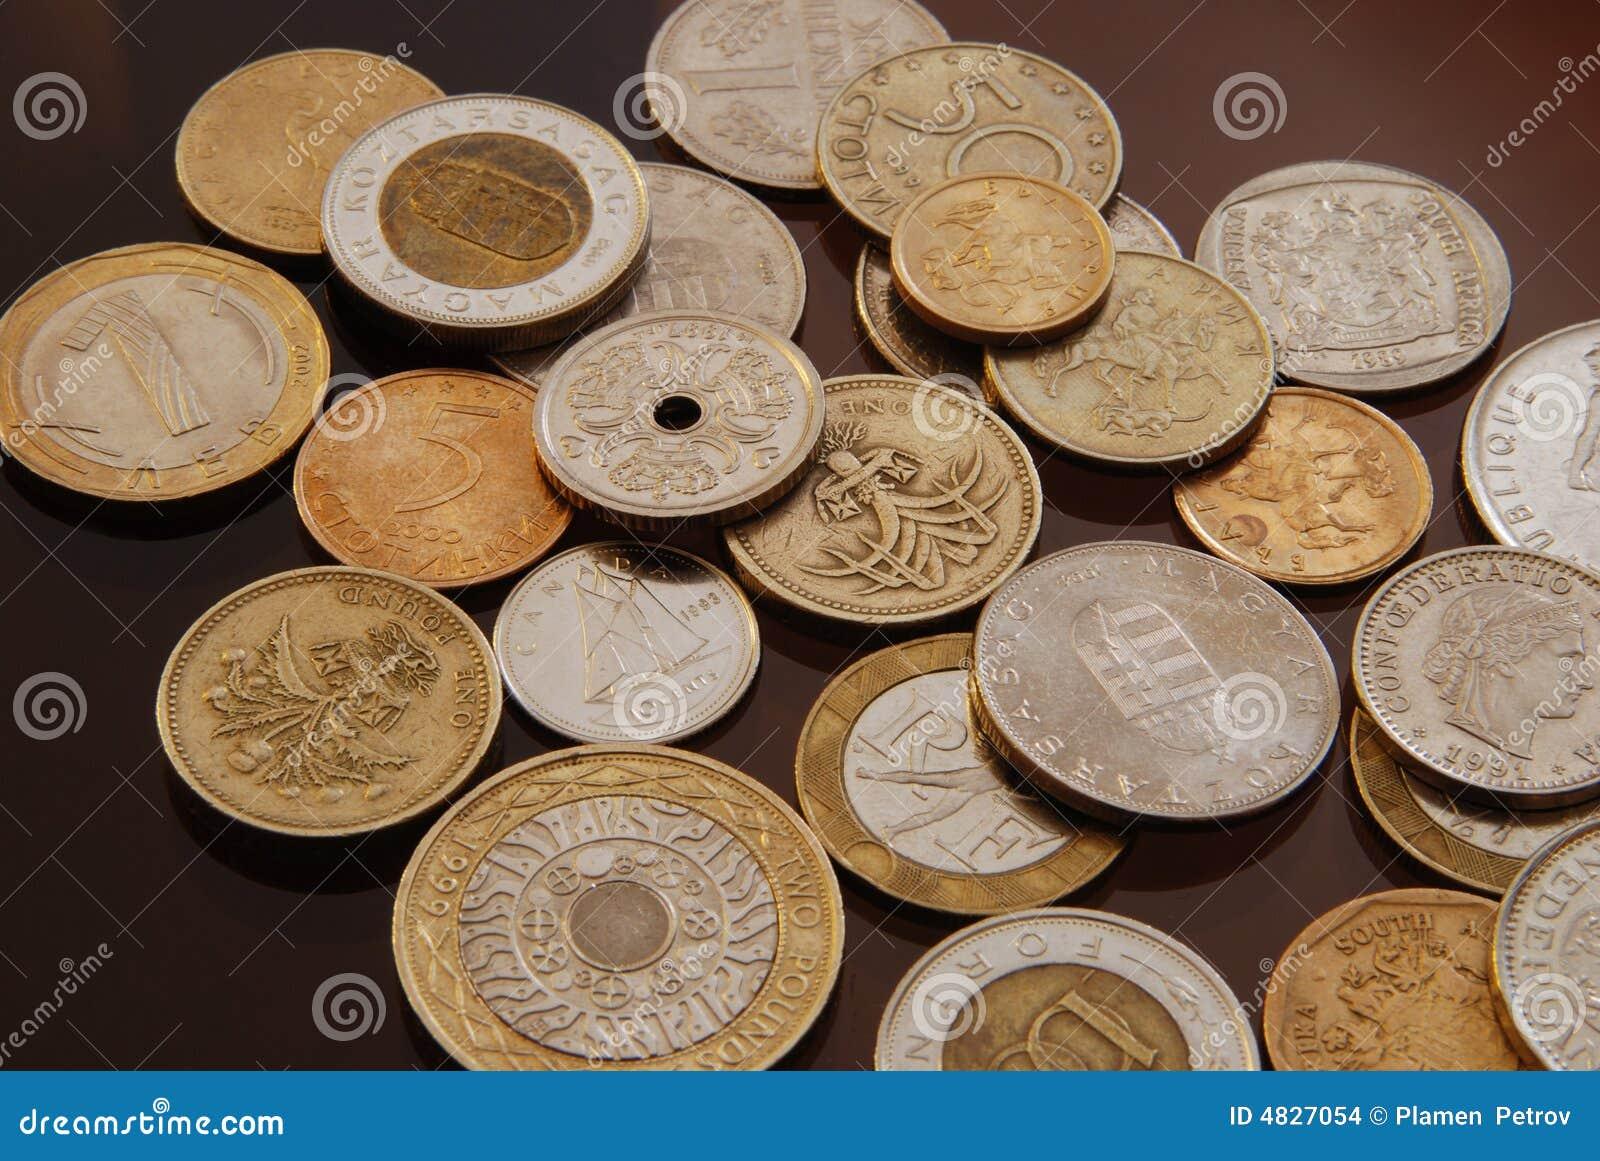 Accumulazione di monete